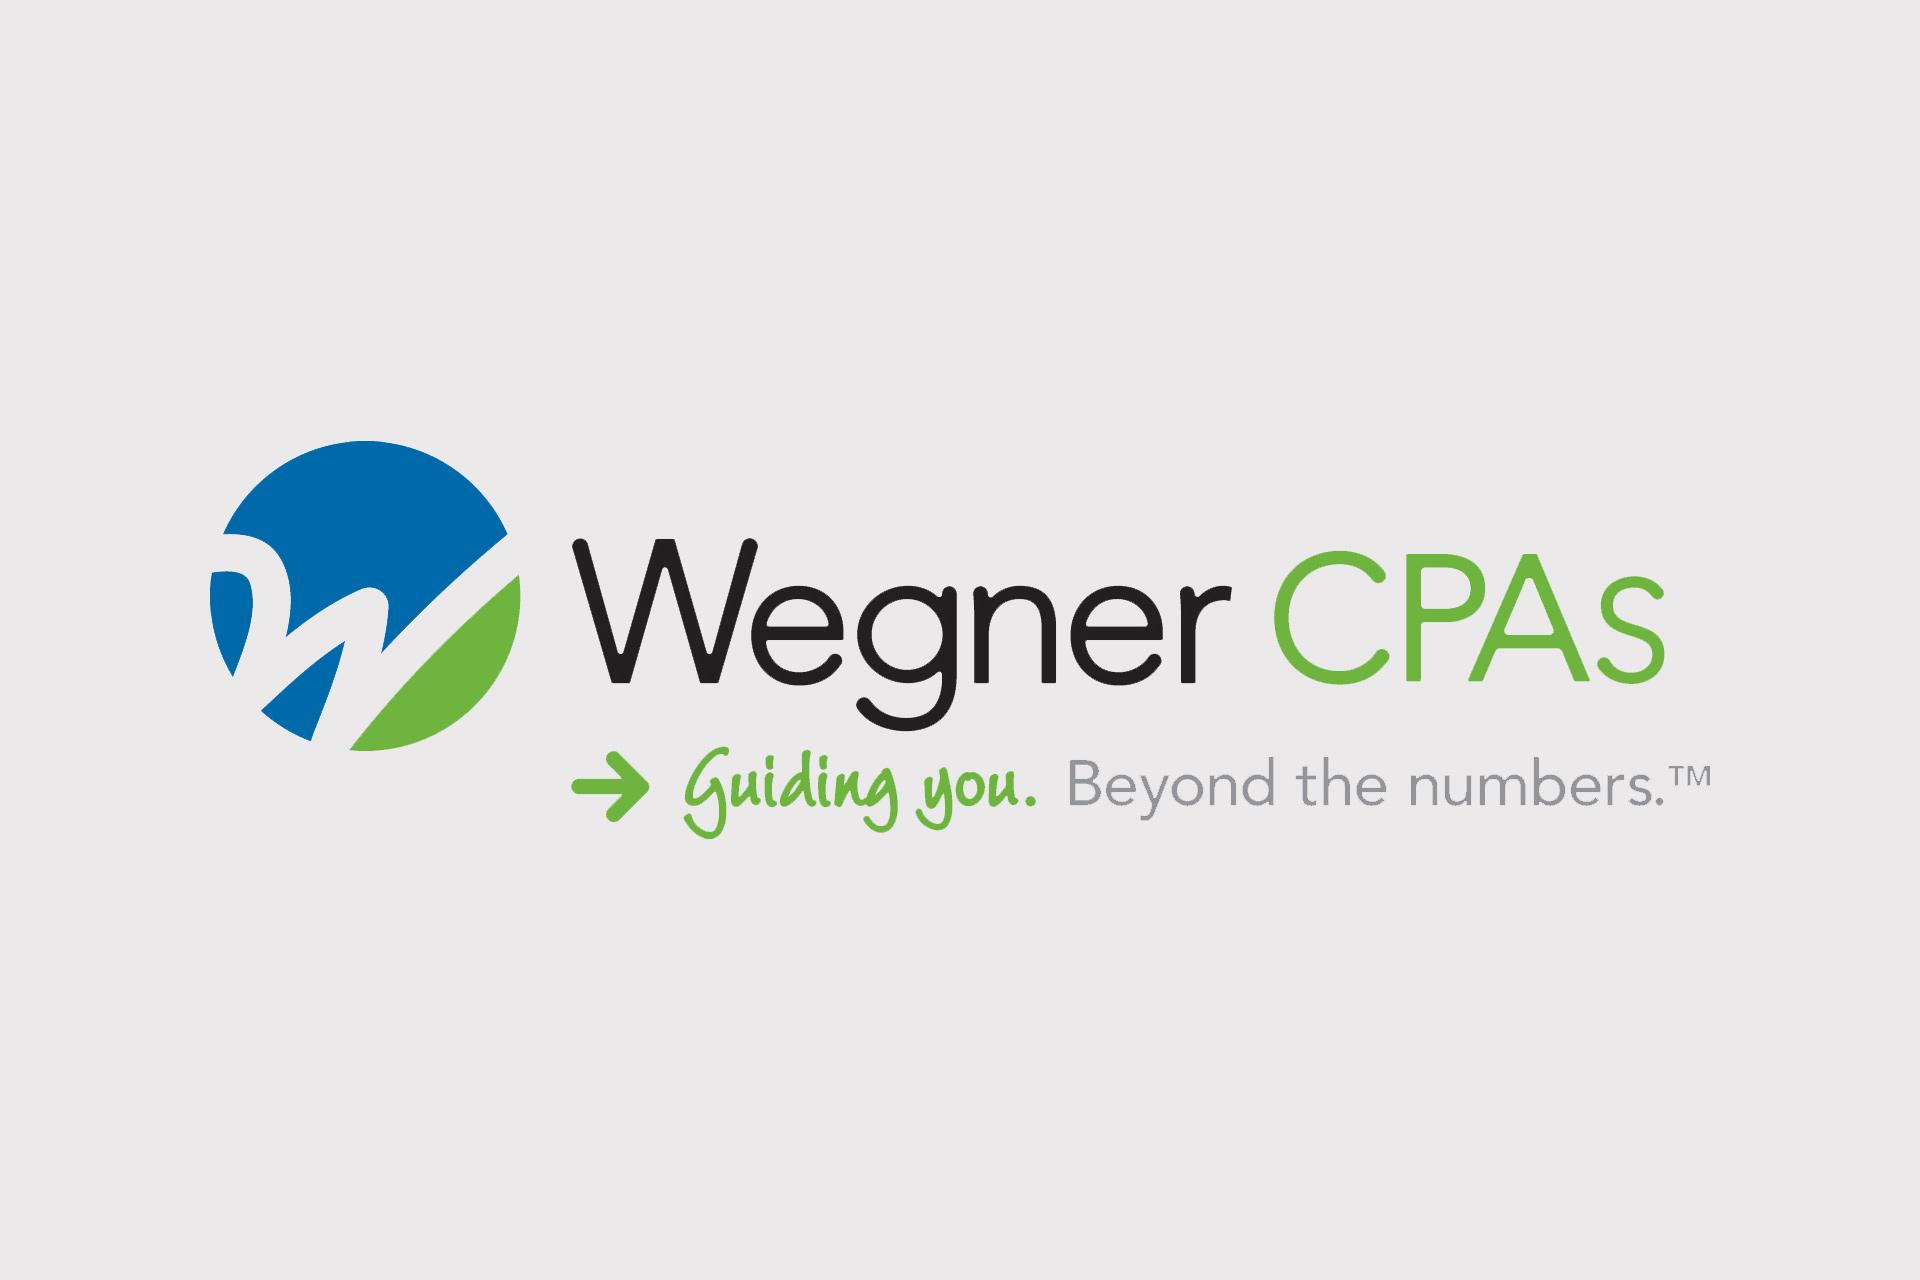 Wegner CPAs